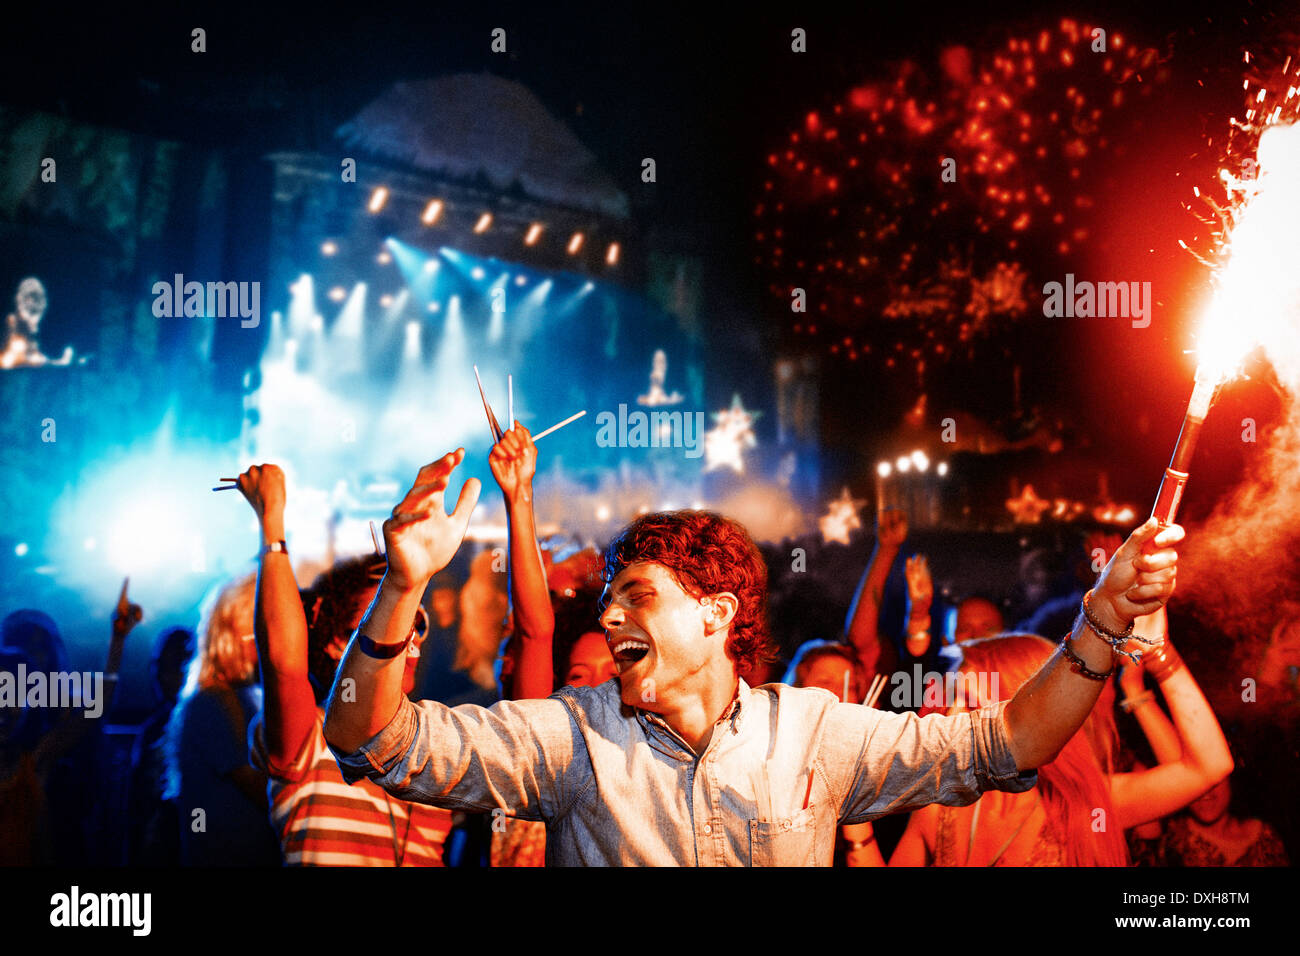 Ventiladores con fuegos artificiales en el festival de música Imagen De Stock